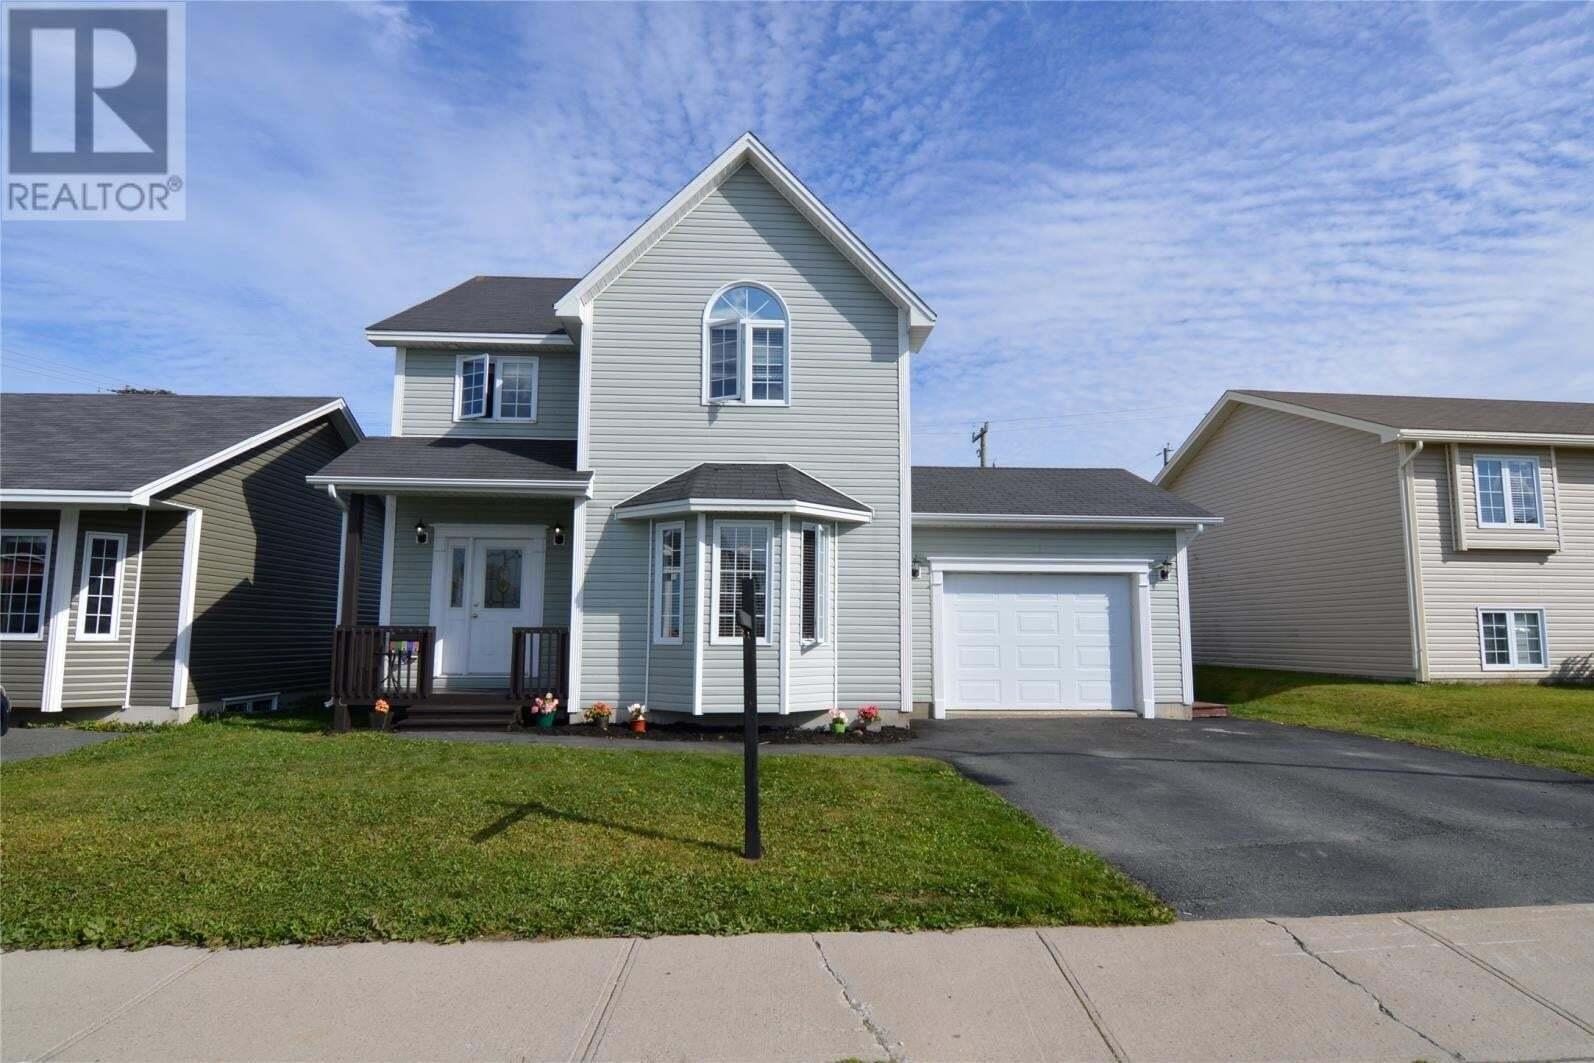 House for sale at 25 Teakwood Dr St. John's Newfoundland - MLS: 1213640